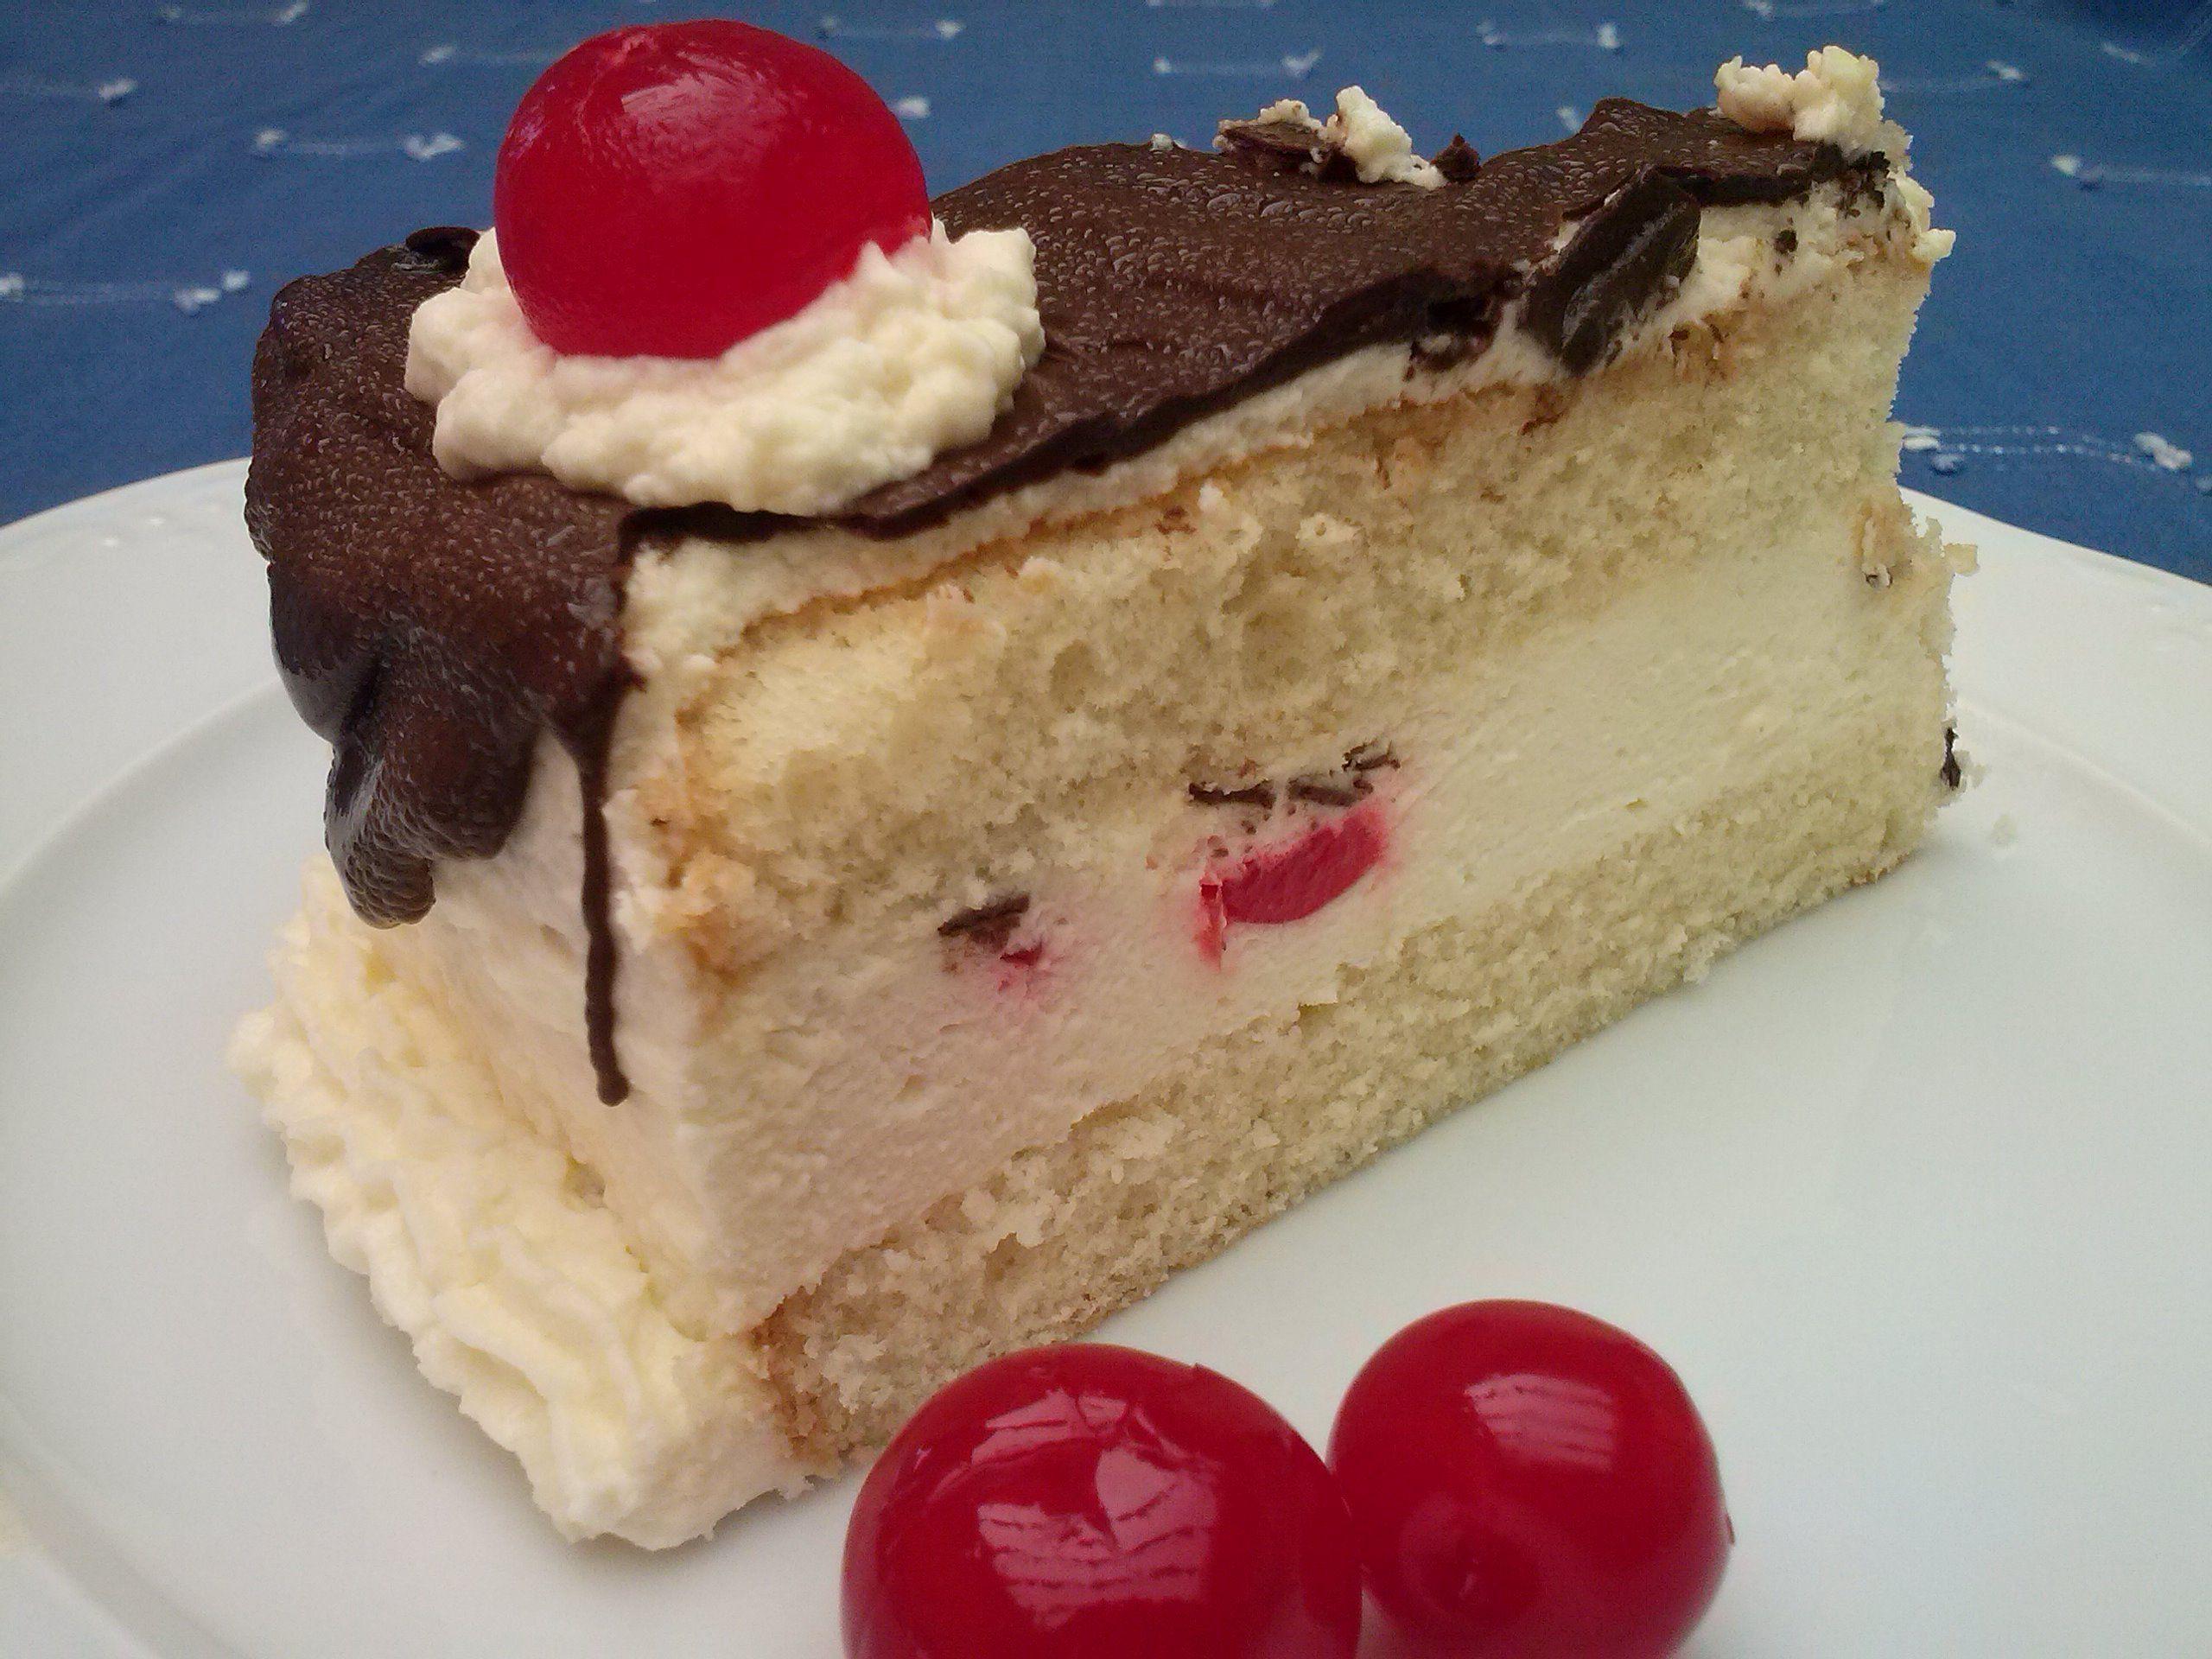 Delicioso... http://lacocinadesole6.blogspot.com.es/2014/02/pastel-selva-negra.html